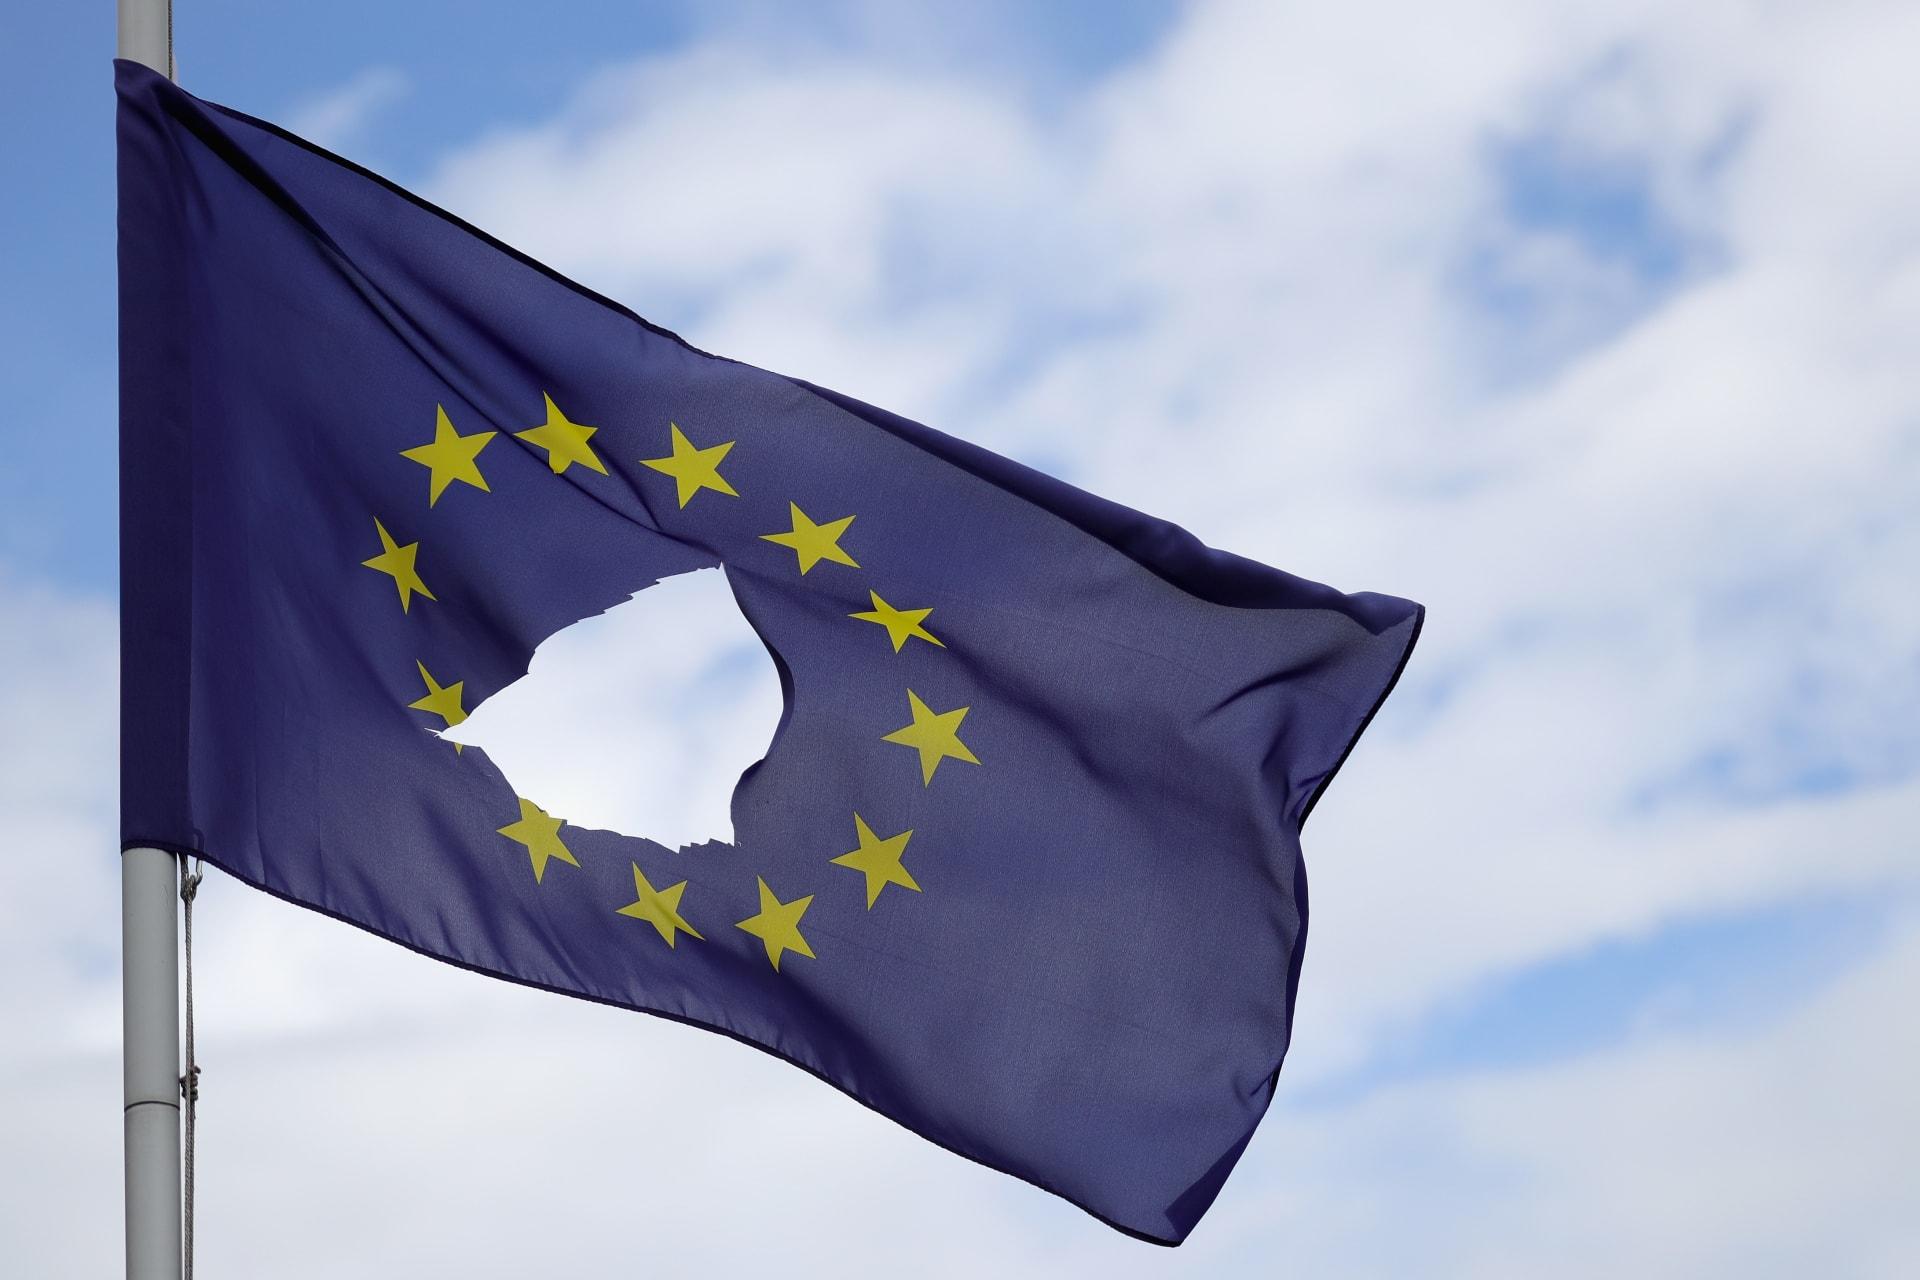 بعد قرار خروج بريطانيا من الاتحاد.. ستفتقد أوروبا لندن لهذه الأسباب